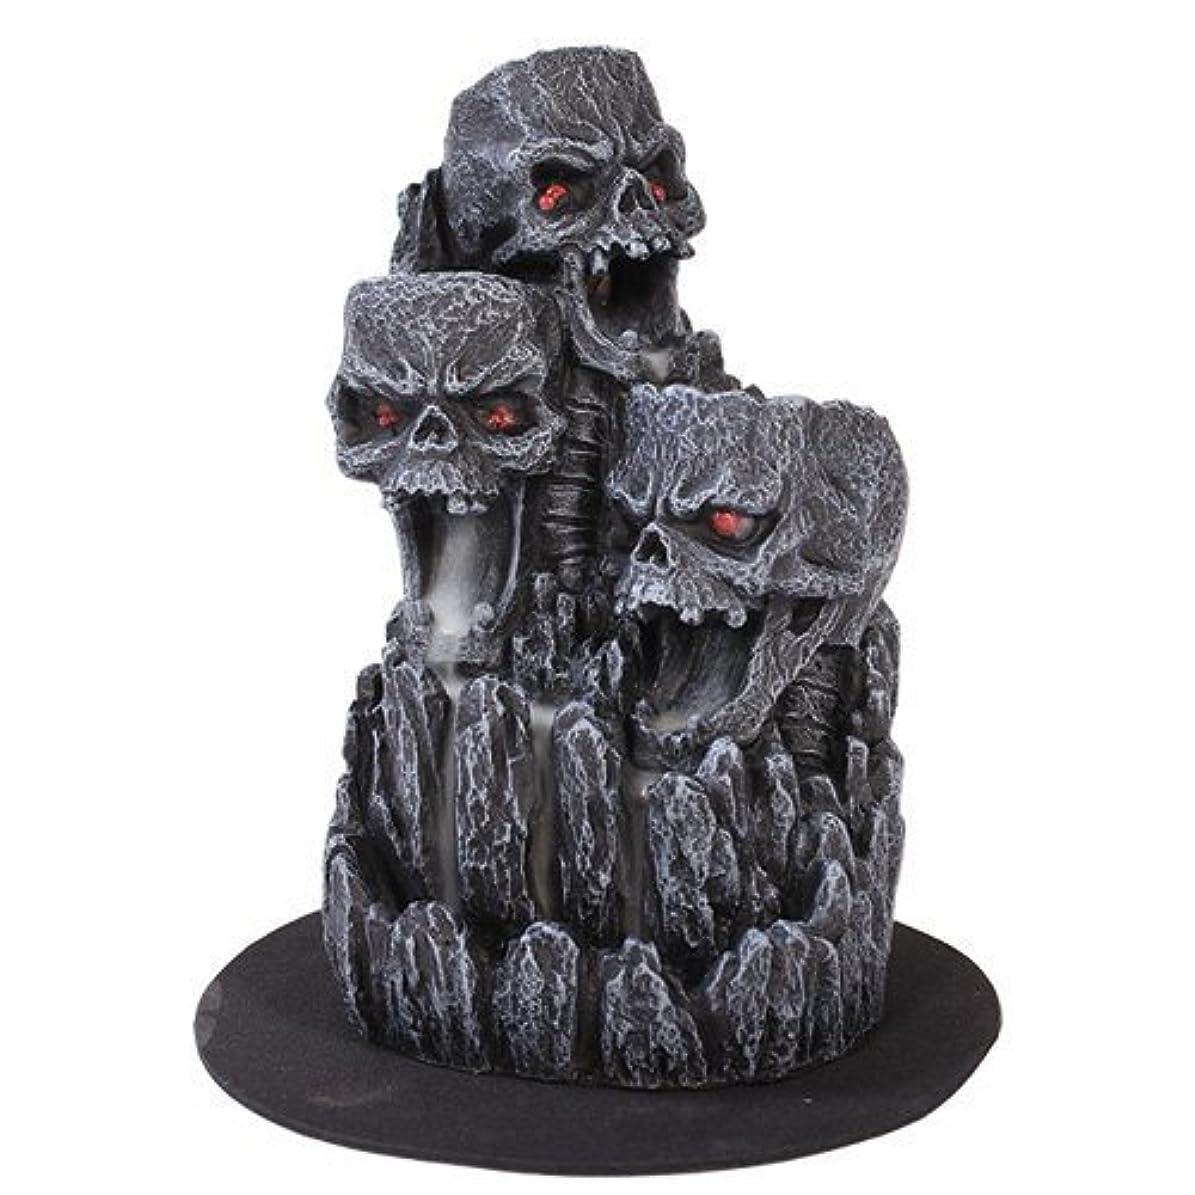 隣人不変創造ゴシックスカル(お香立て)マウンテンタワー オブジェ Gothic Skull Backflow Incense Tower